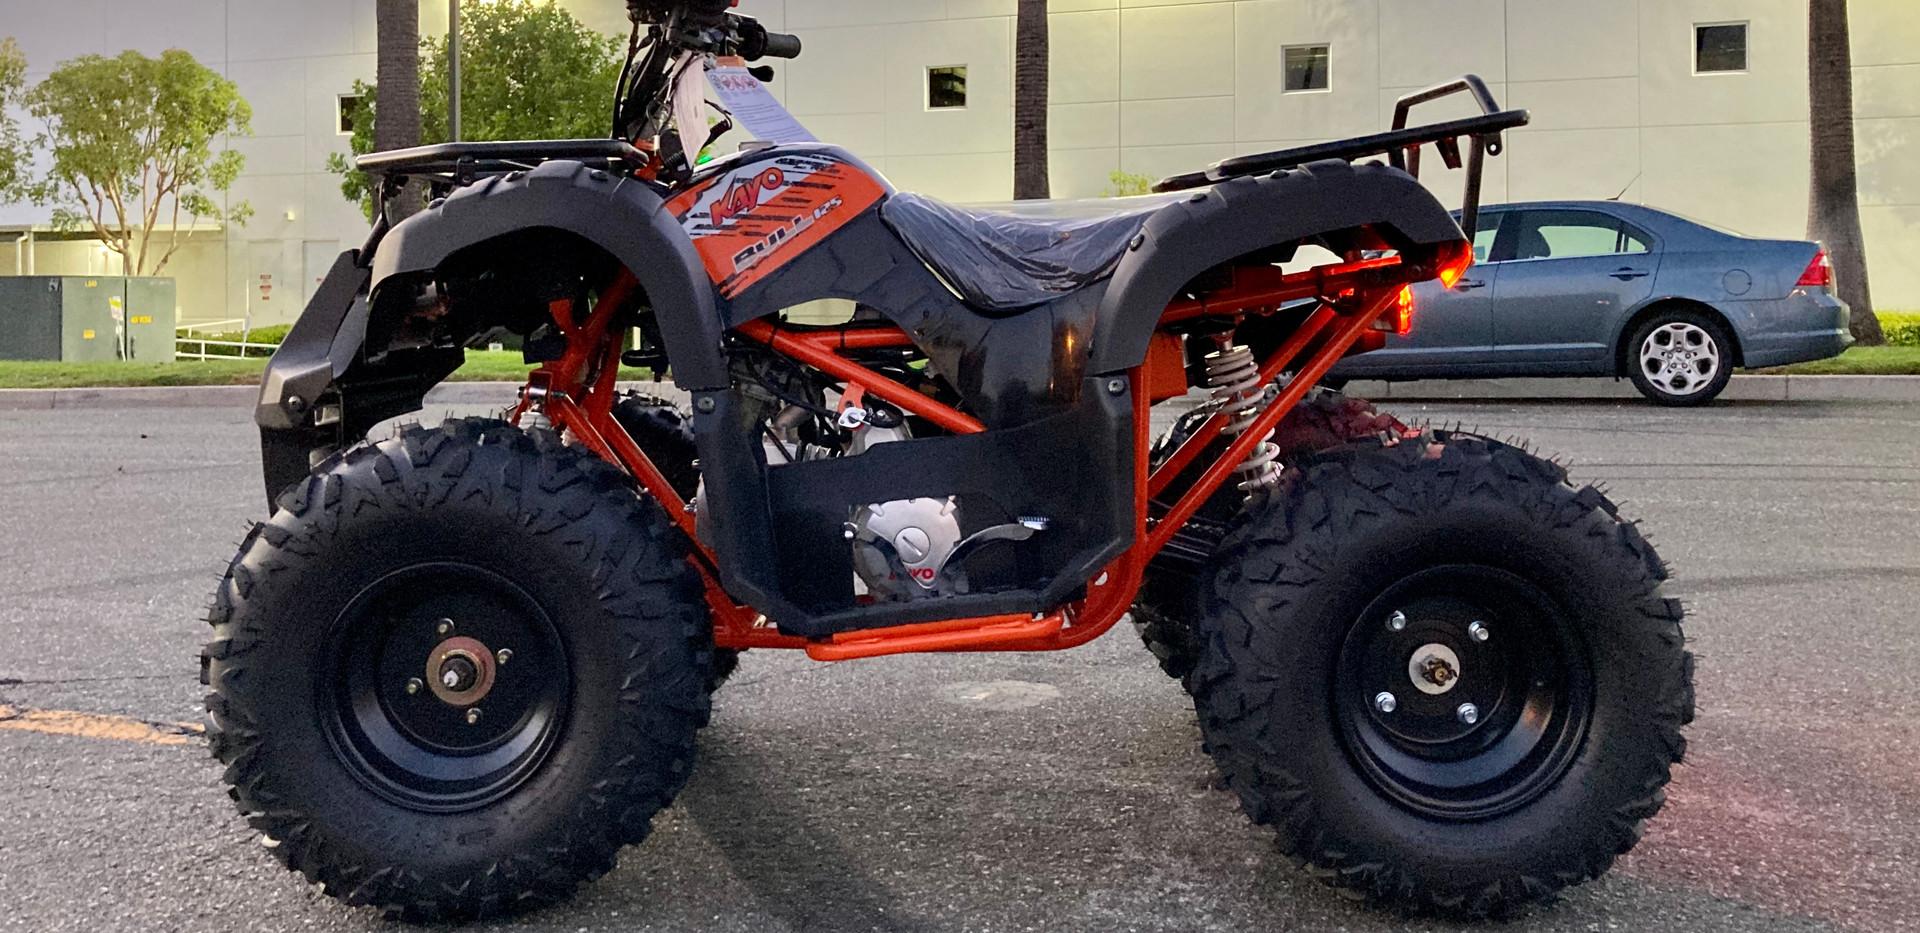 2020 Kayo Bull 125 (Black) (11).JPG